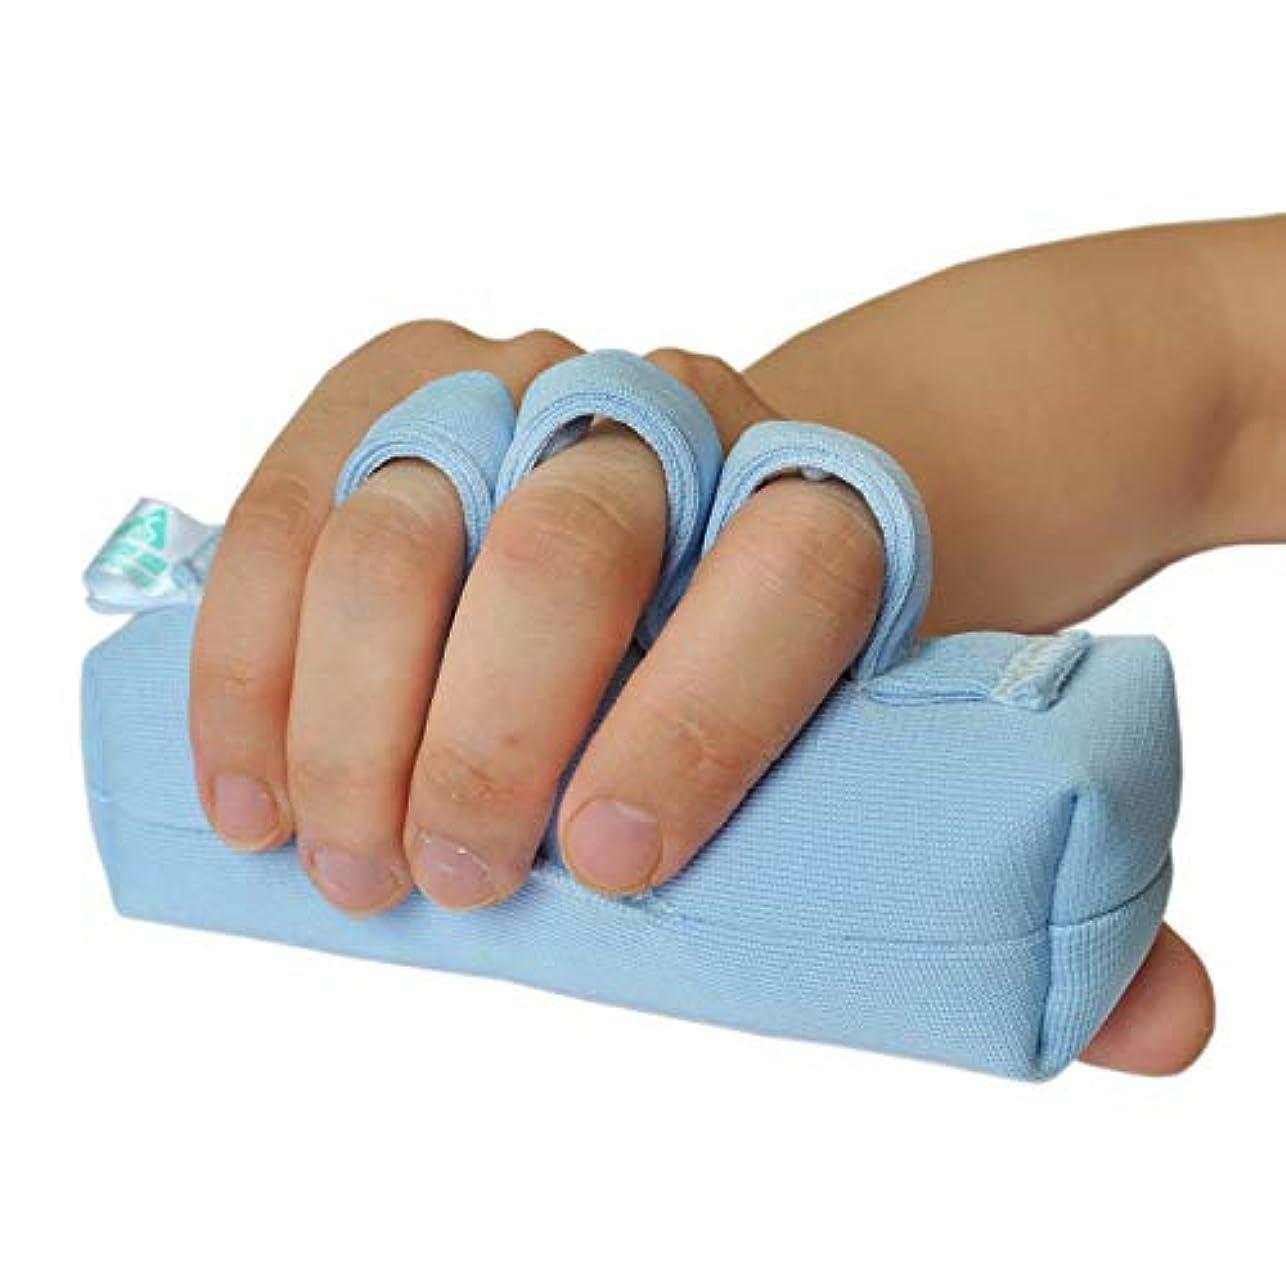 パーセント驚かす争う右手または左手の手のひらプロテクター、手の包帯のサポート/術後のリハビリテーション/指の挫傷パッド/手のひらの指の分割バー/高齢者介護/涙防止ハンドスティック